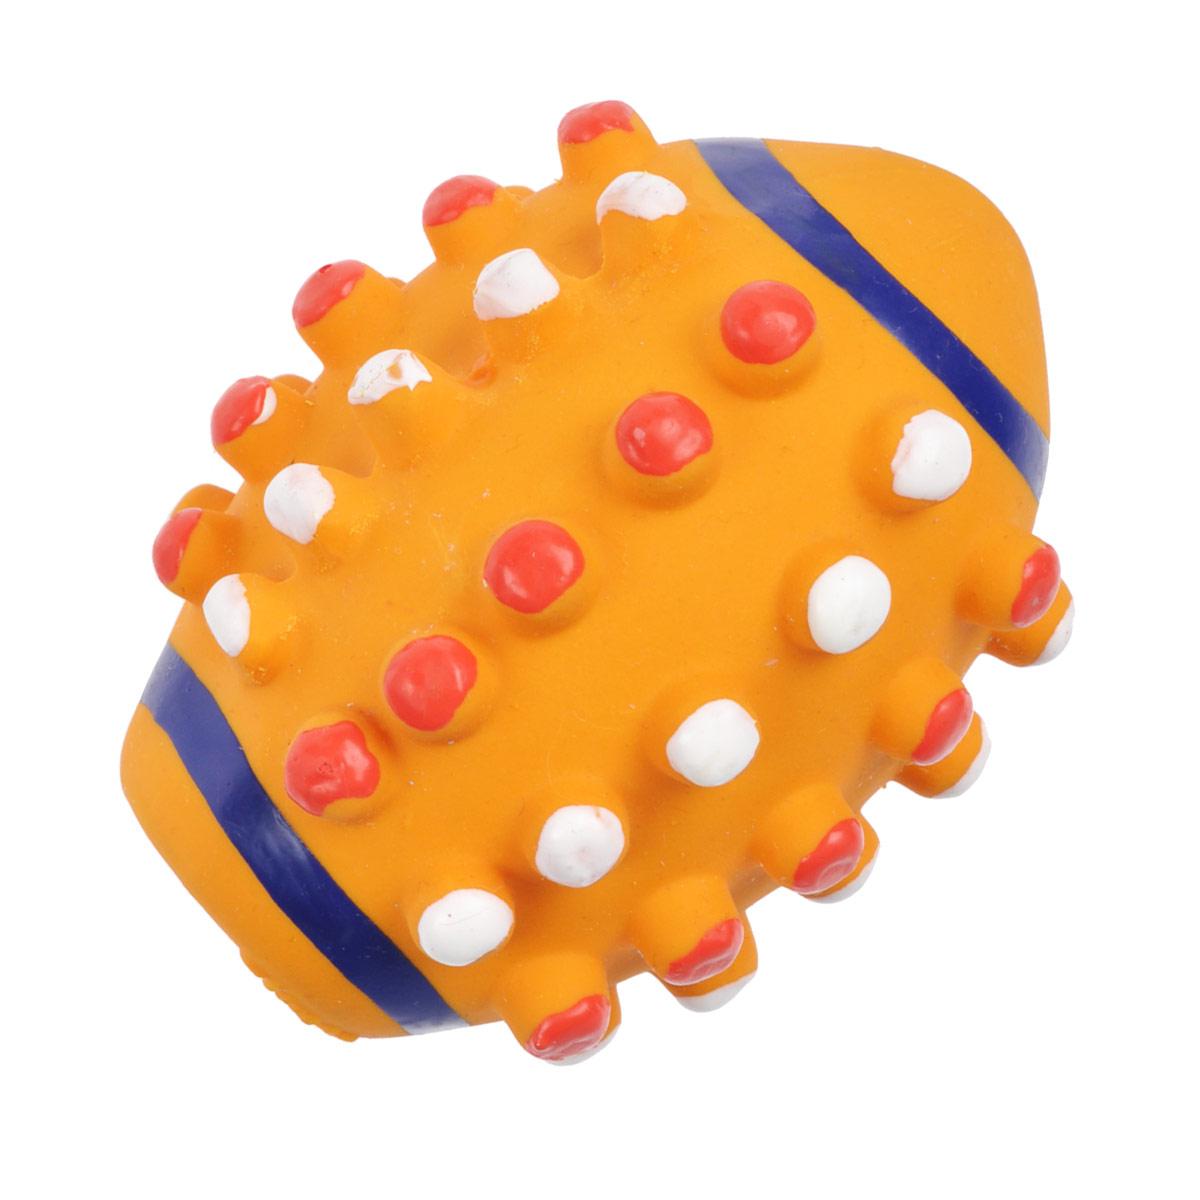 Игрушка для собак I.P.T.S. Мяч регби, цвет: оранжевый0120710Игрушка I.P.T.S. Мяч регби изготовлена из латекса с использованием только безопасных, не токсичных красителей. Такая игрушка порадует вашего любимца, а вам доставит массу приятных эмоций, ведь наблюдать за игрой всегда интересно и приятно.Оставшись в одиночестве, ваша собака будет увлеченно играть в эту игрушку.Диаметр: 10 см.